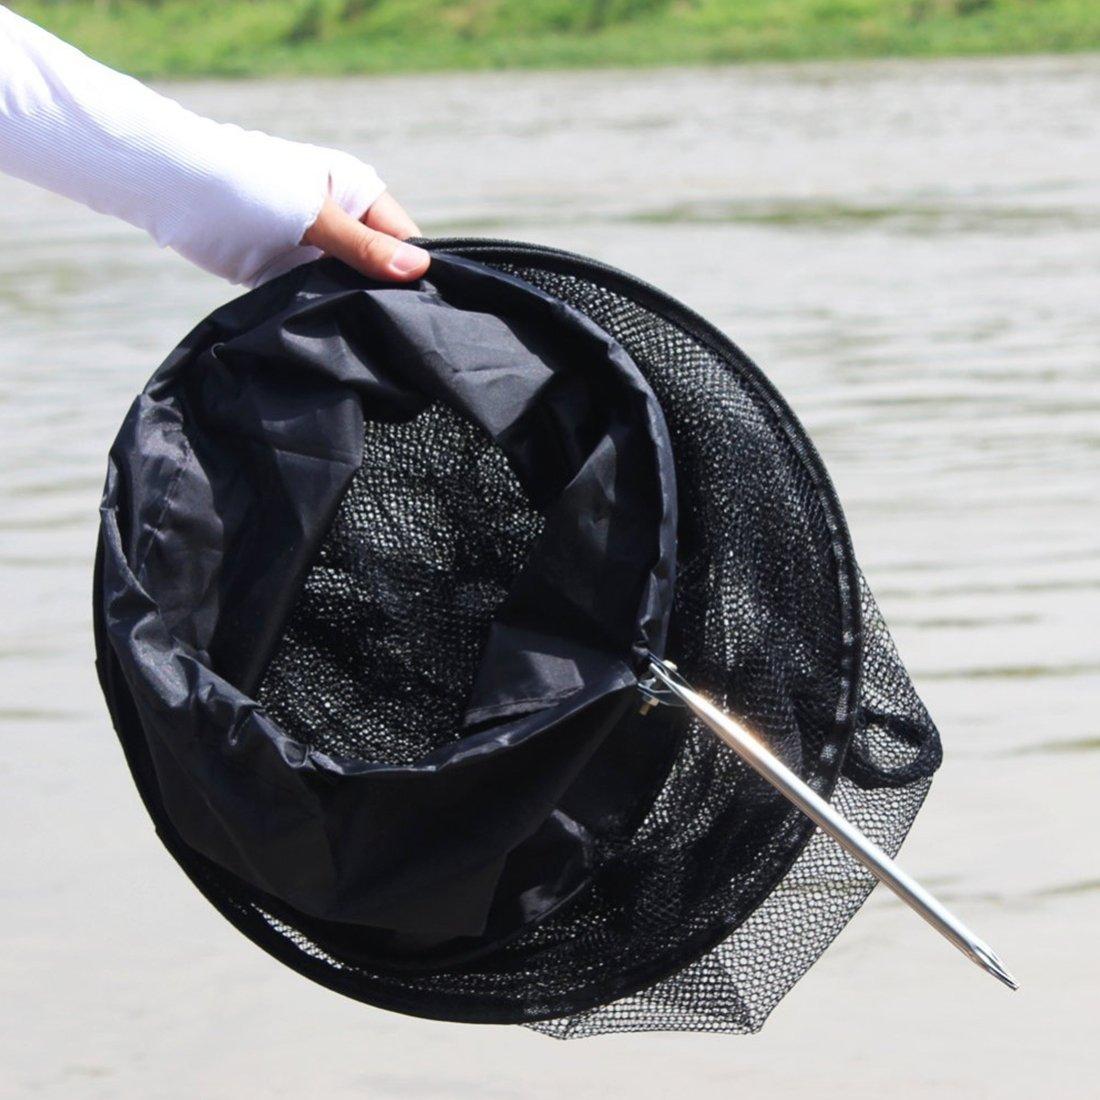 Fishing YHM 1.5m Fischnetz K/äfig 5 Schichten faltbare Fischpflege Netz Fischk/äfig Draht Fischpflege Anti-Scraper Pflege